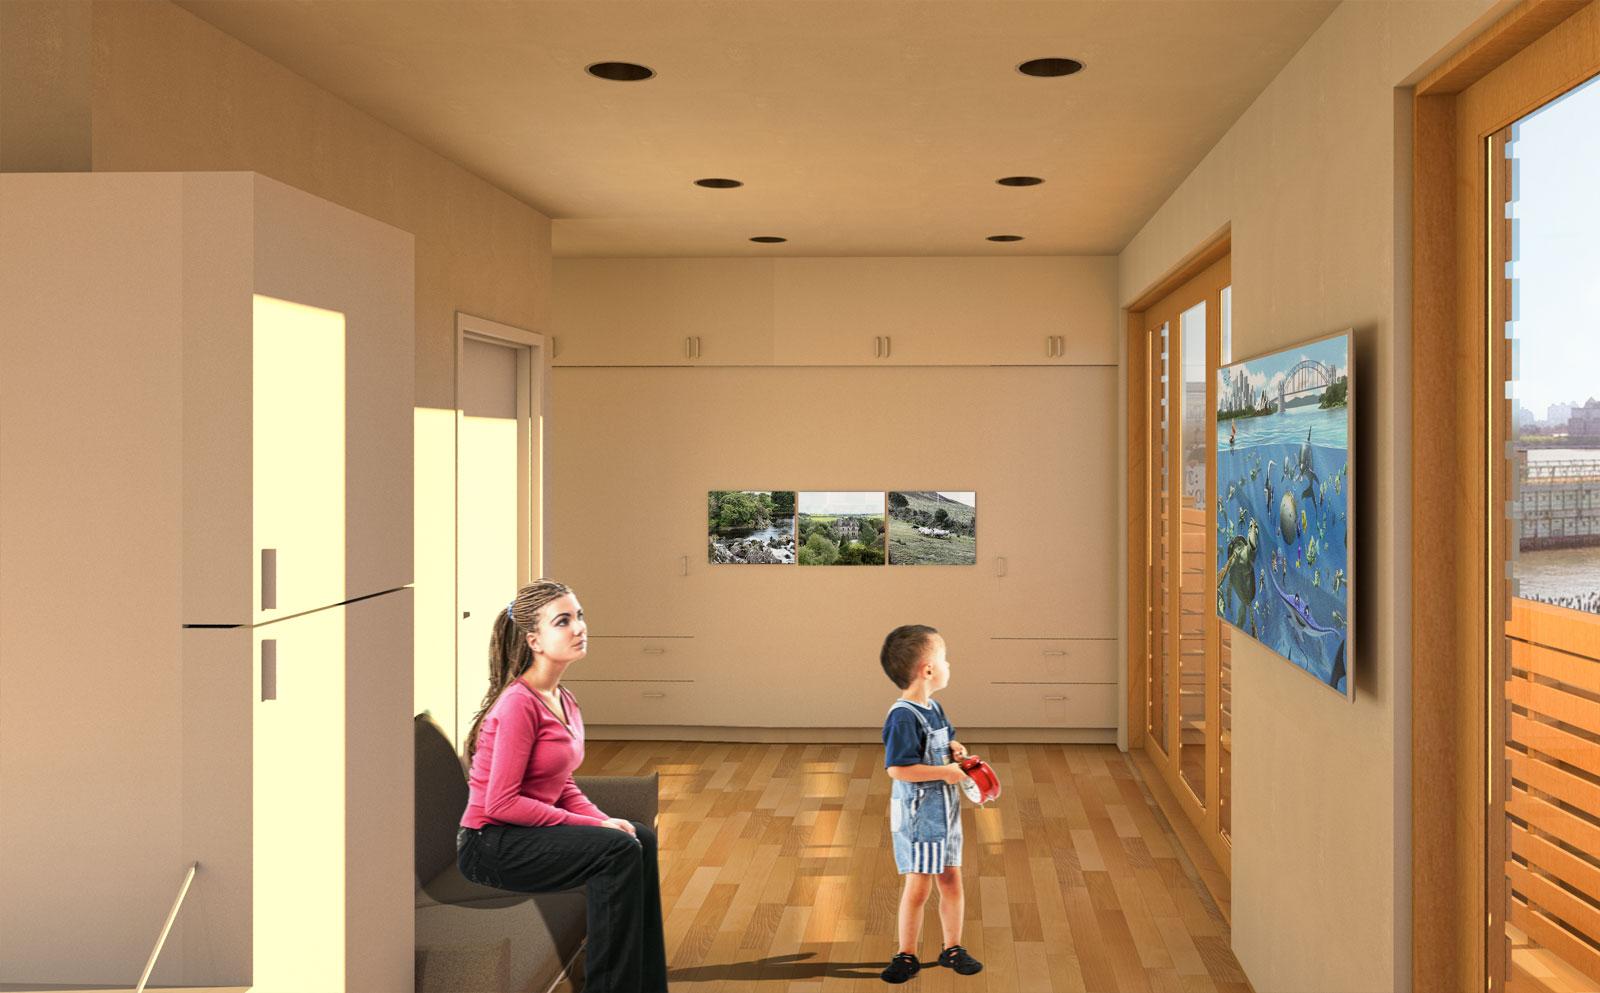 NYC-Micro-Dwellings-Interior-Render-02A-Post.jpg